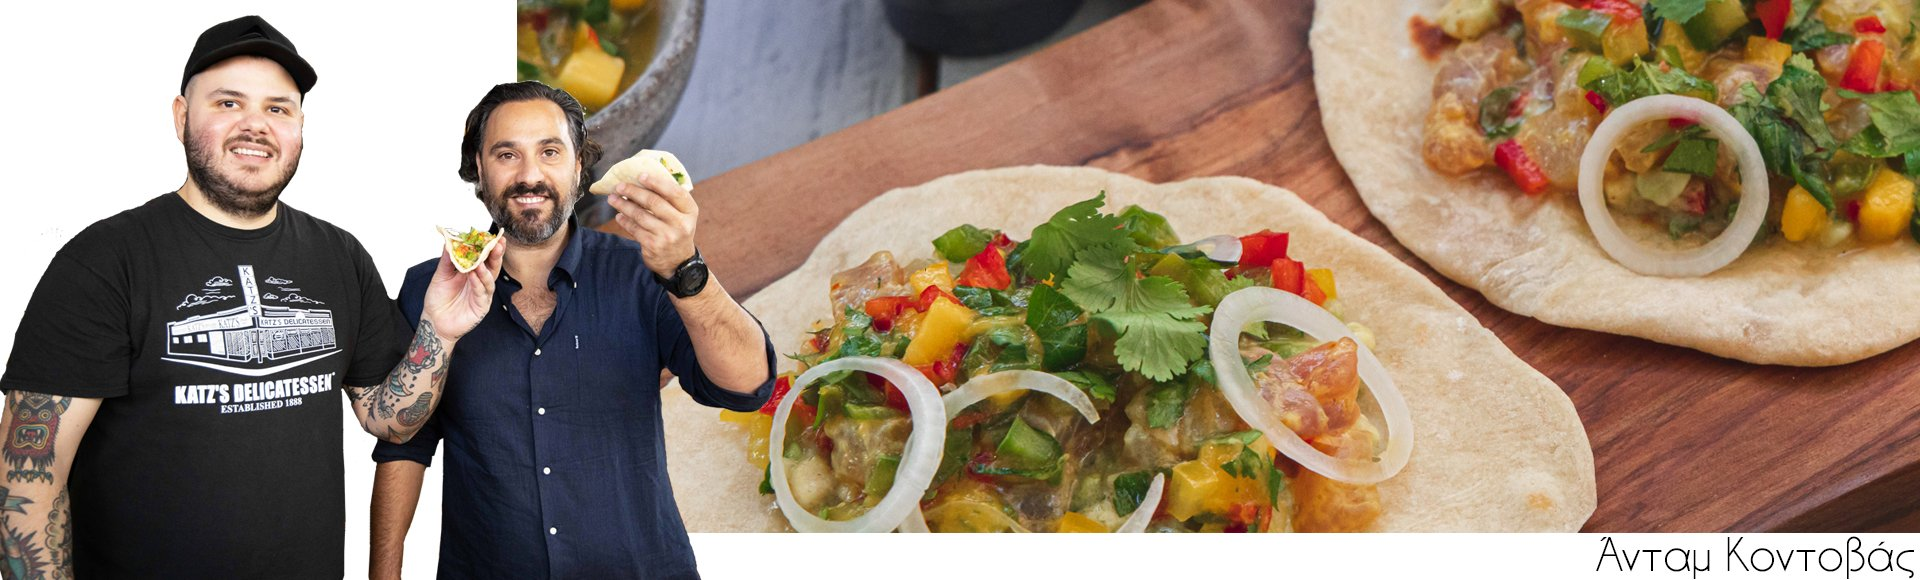 Tacos με ψάρι και μάνγκο - Ανταμ Κοντοβάς